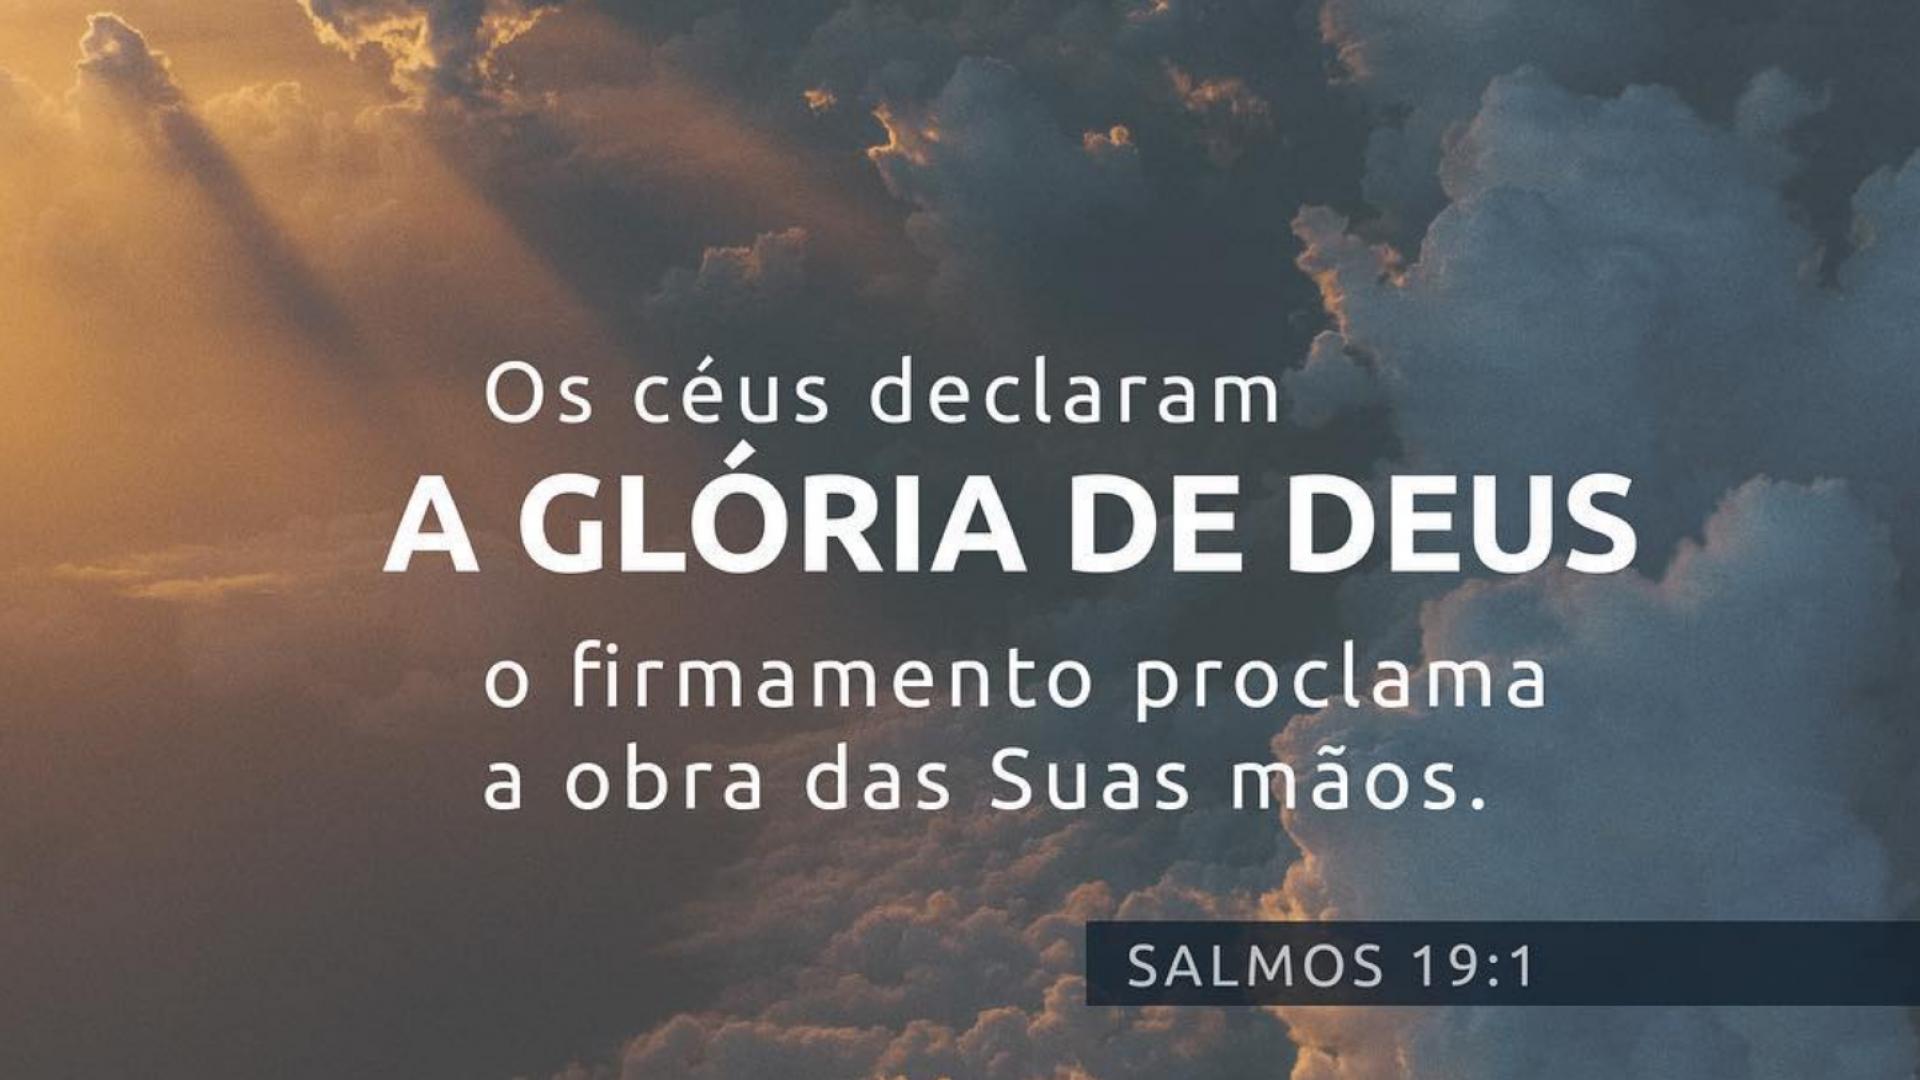 Igreja Evangélica de Sintra